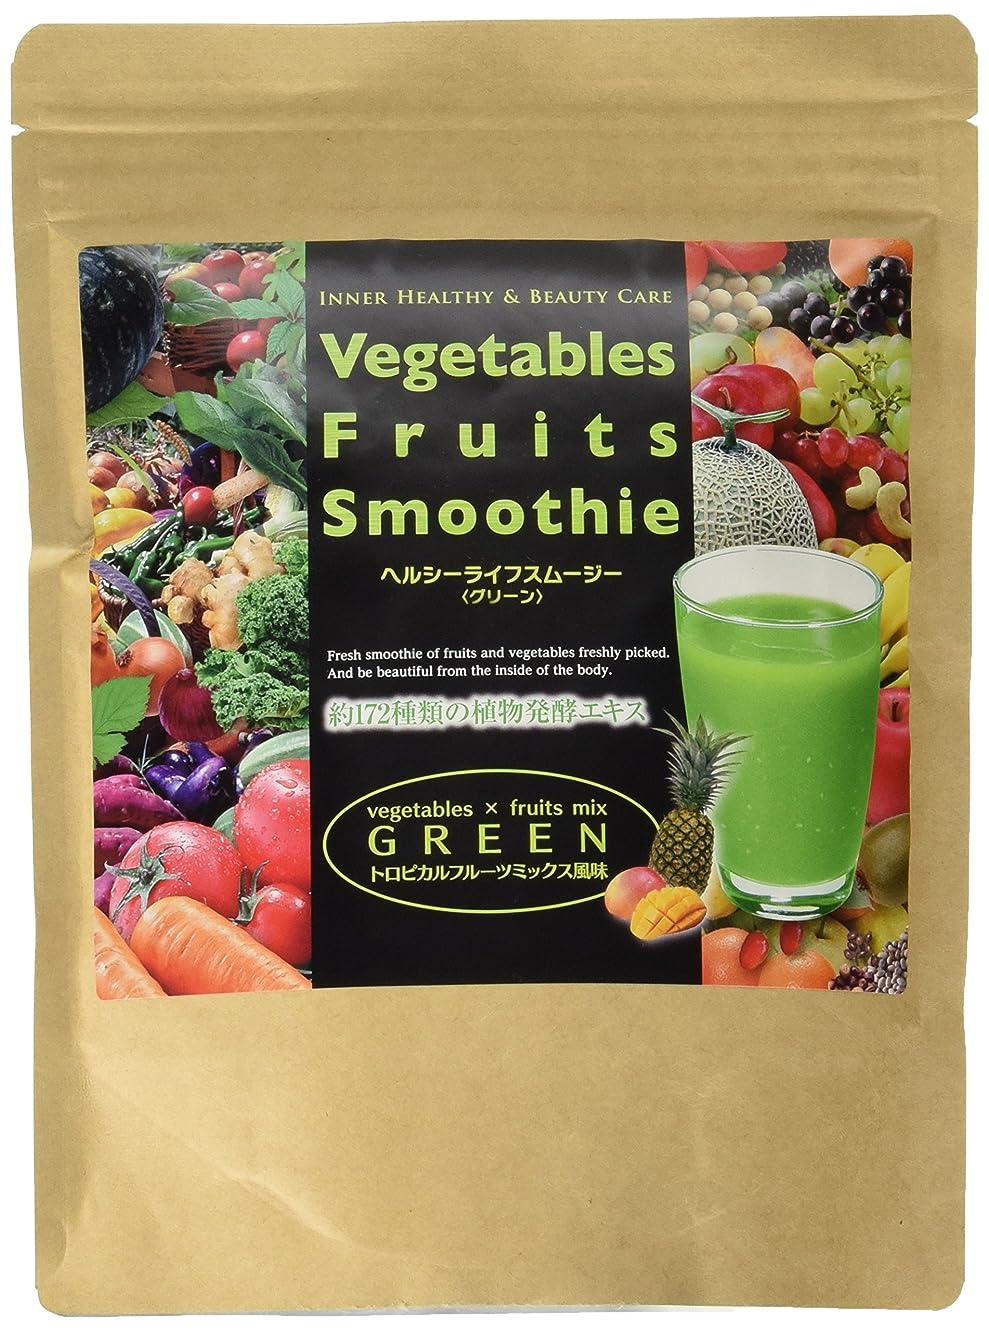 環境保護主義者ブリード葉っぱVegetables Fruits Smoothie ヘルシーライフスムージー(グリーン)トロピカルフルーツミックス味 300g 日本製